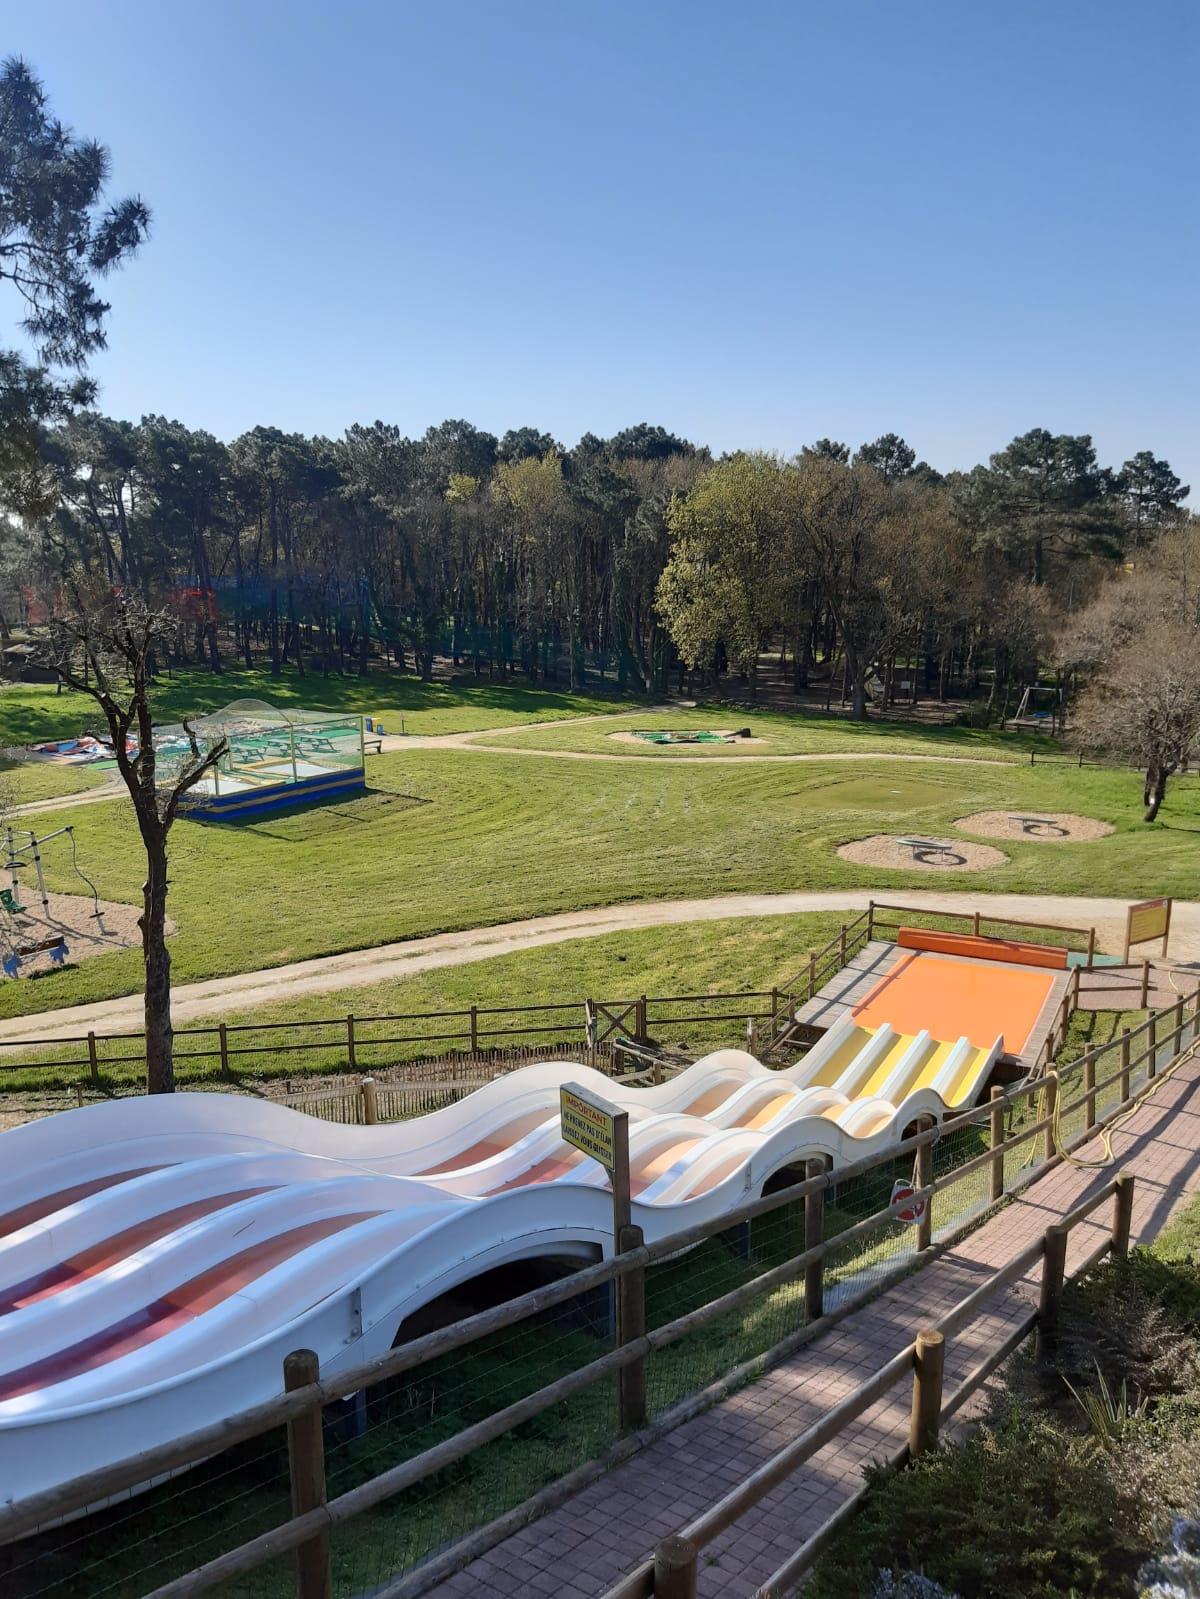 Parc de Loisirs 56